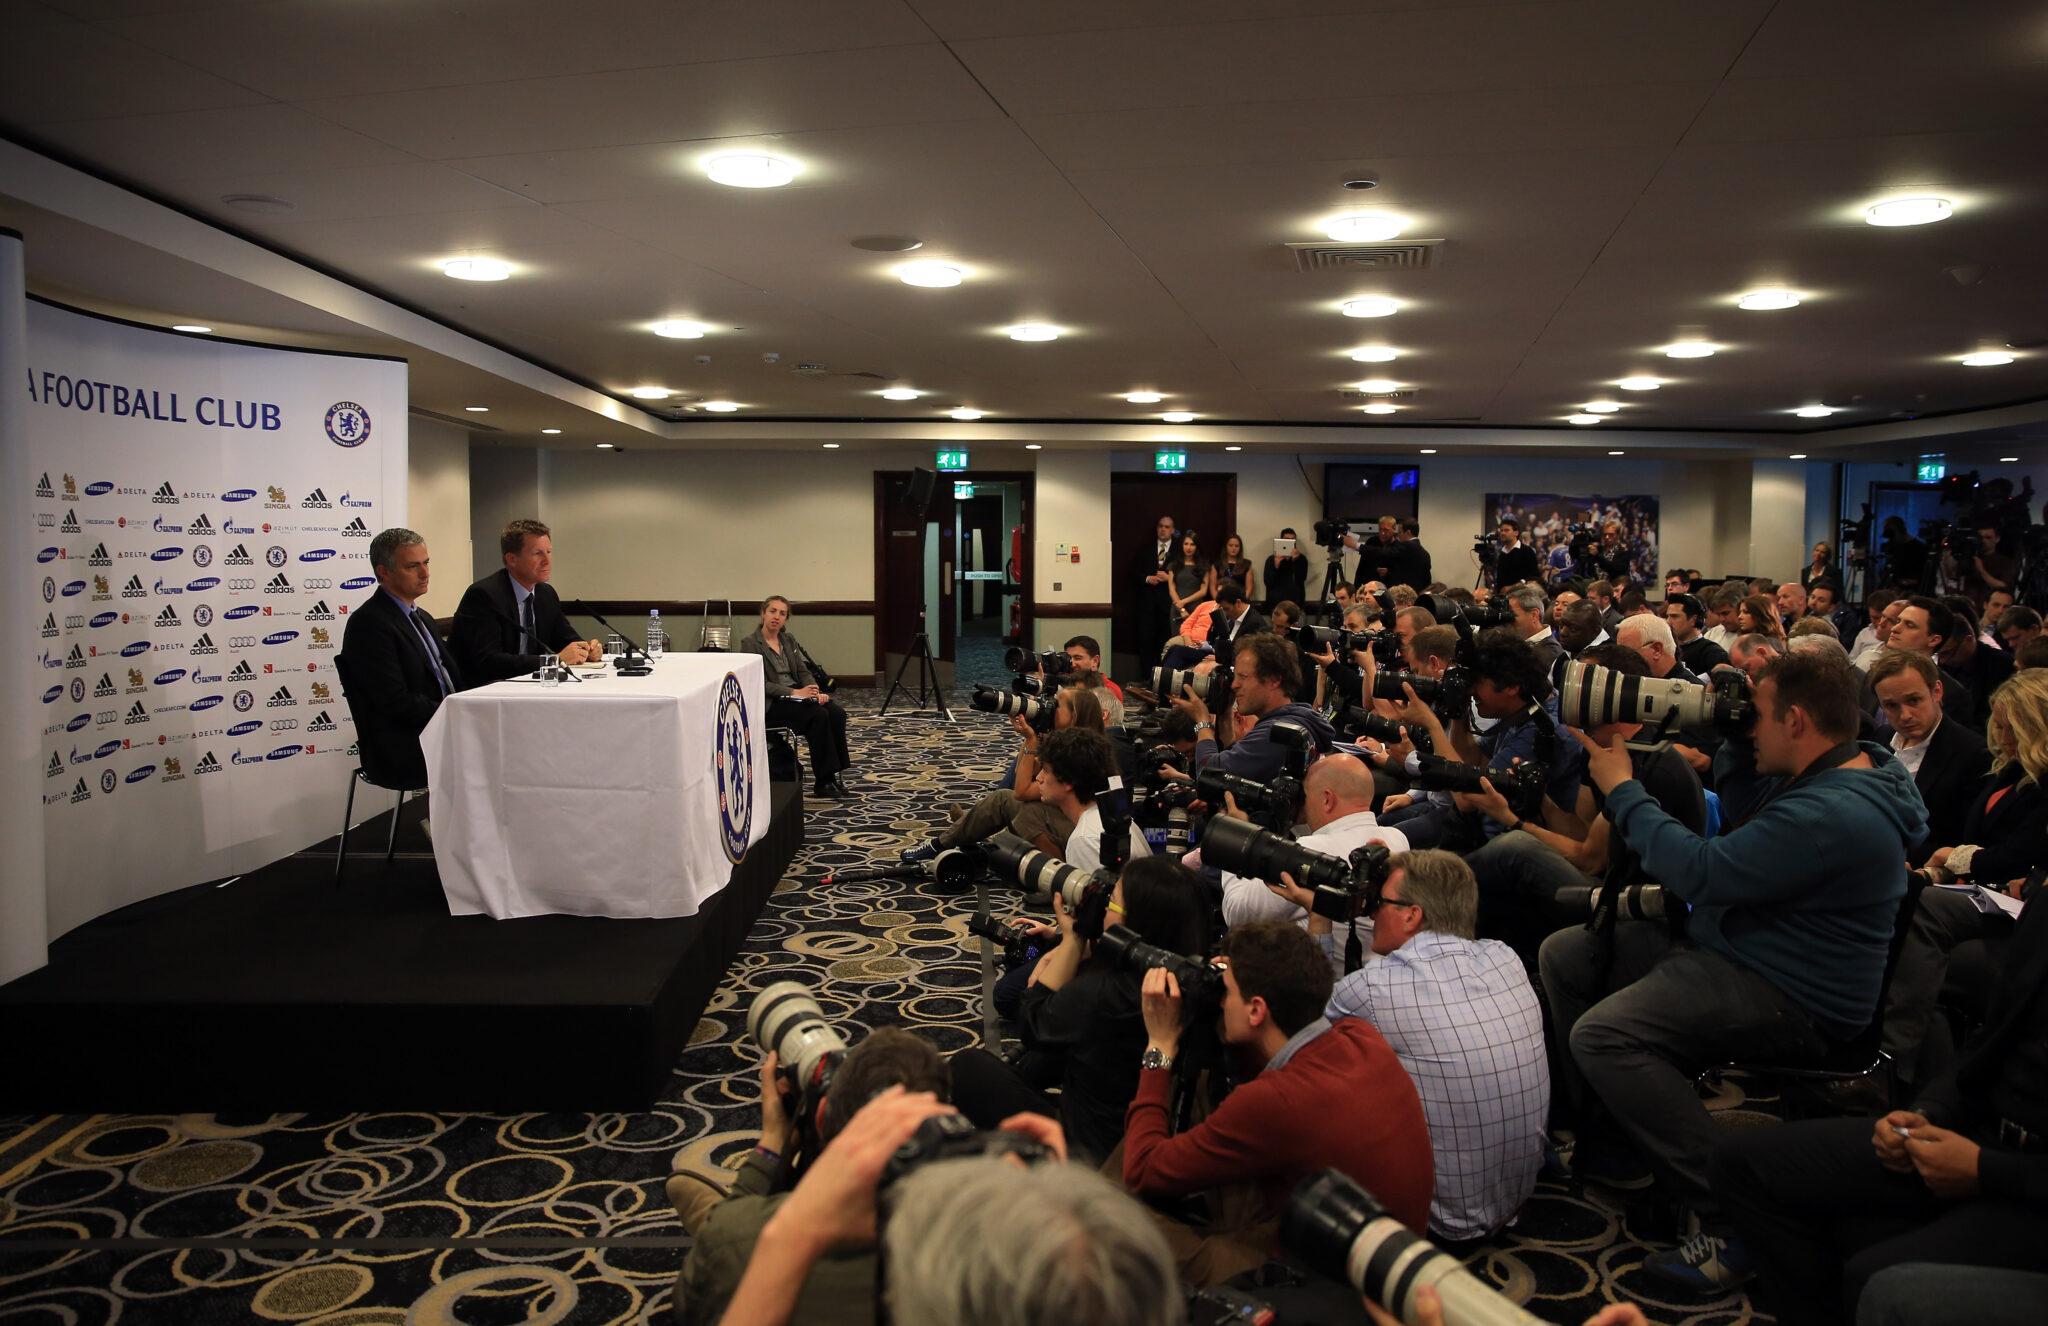 Второе правление Моуринью в «Челси»: крах, сменивший доминирование